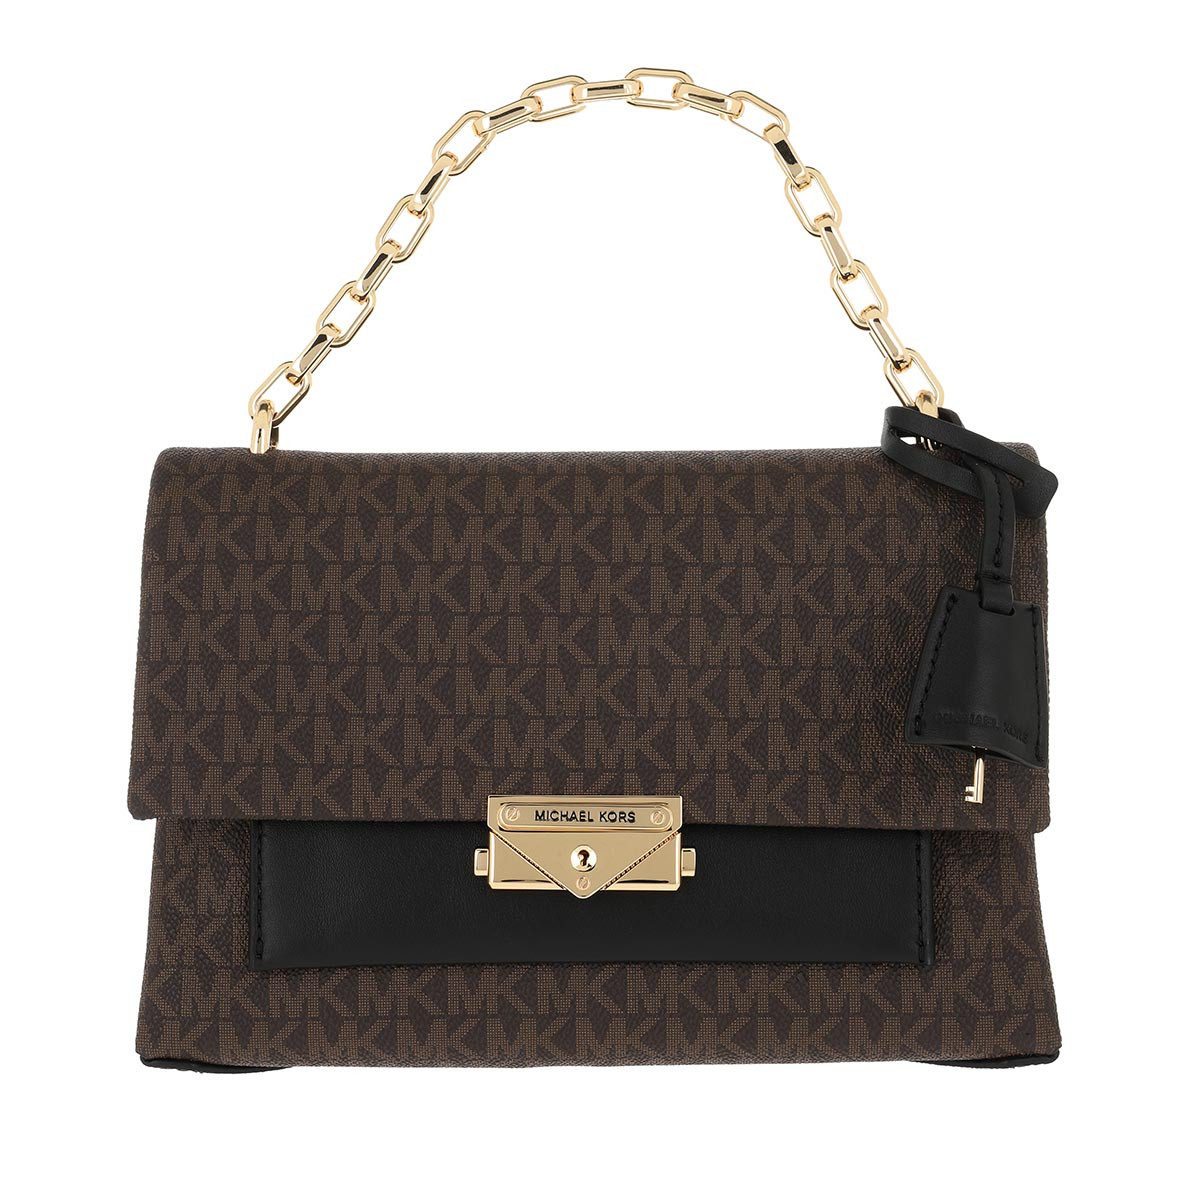 Michael Kors Satchel Bag - Cece MD Chain Shoulder Brown/Black - in braun - für Damen